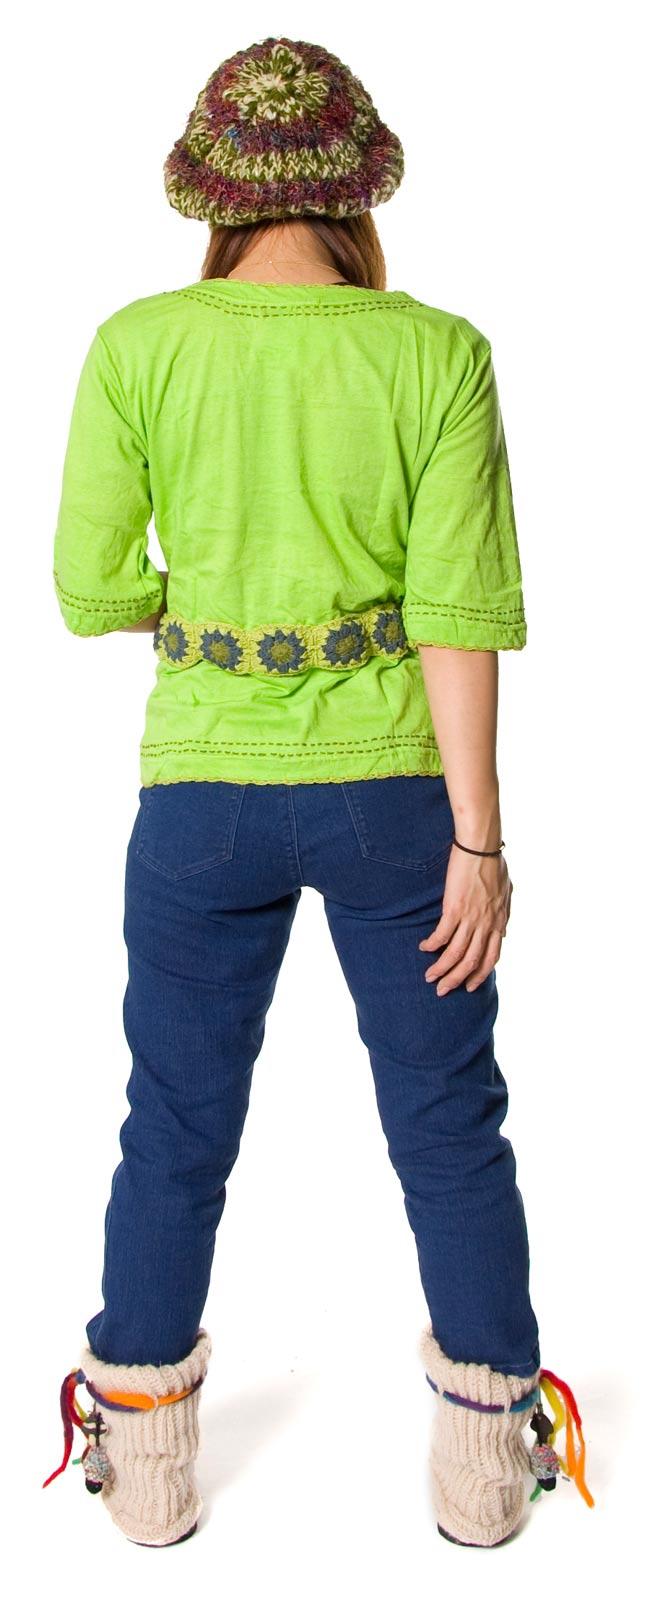 ベルト風刺繍ハーフスリーブTシャツ - 黄緑2-後ろはこんな感じです。\